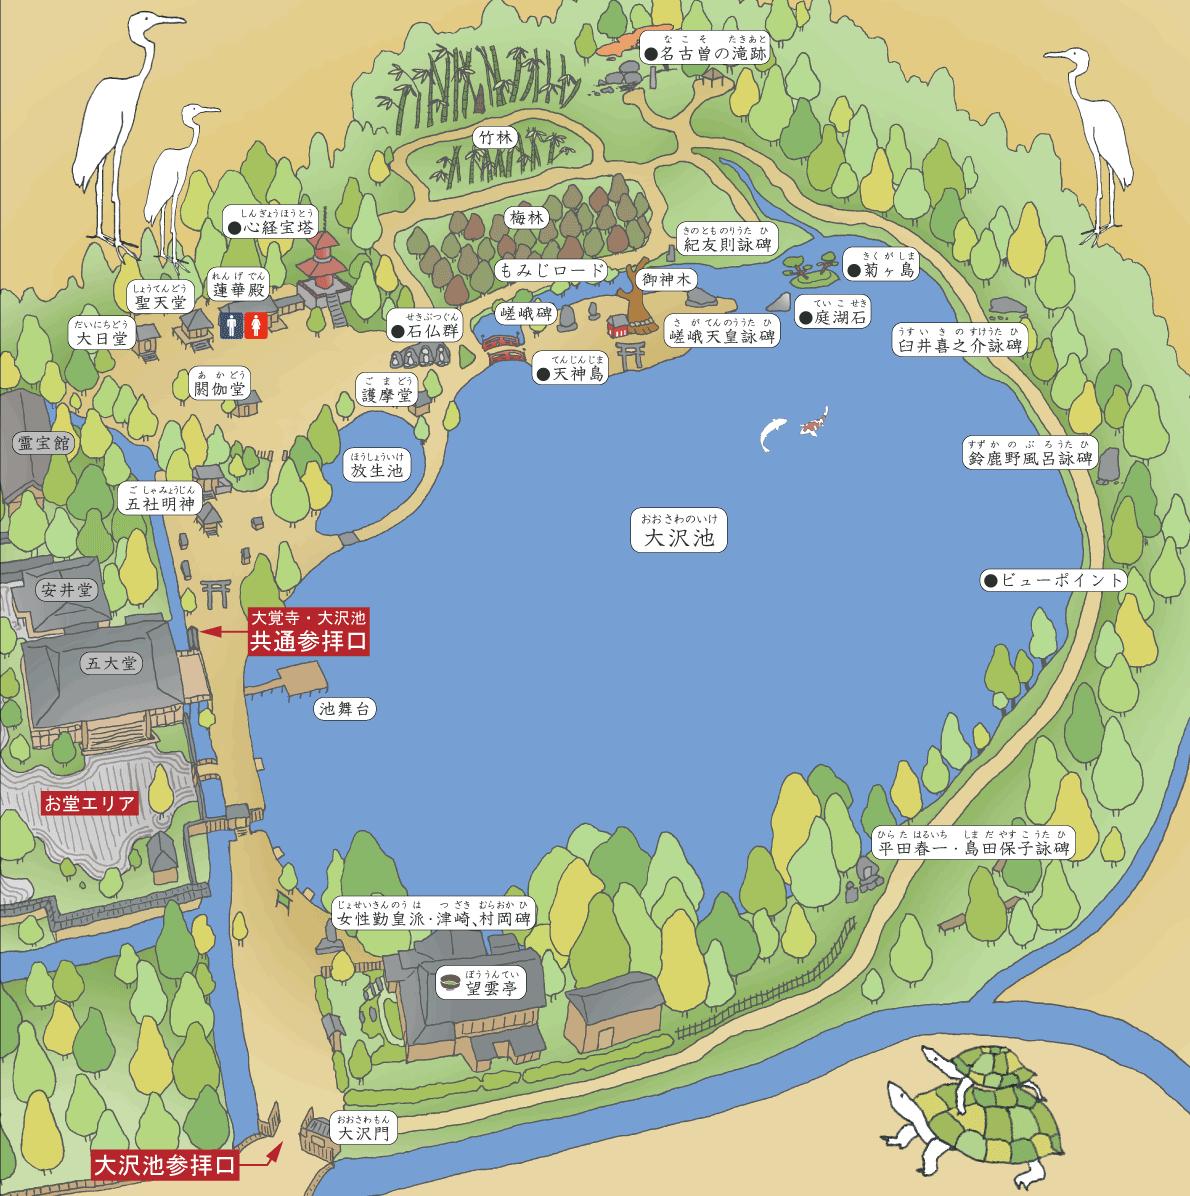 大沢池エリア境内図